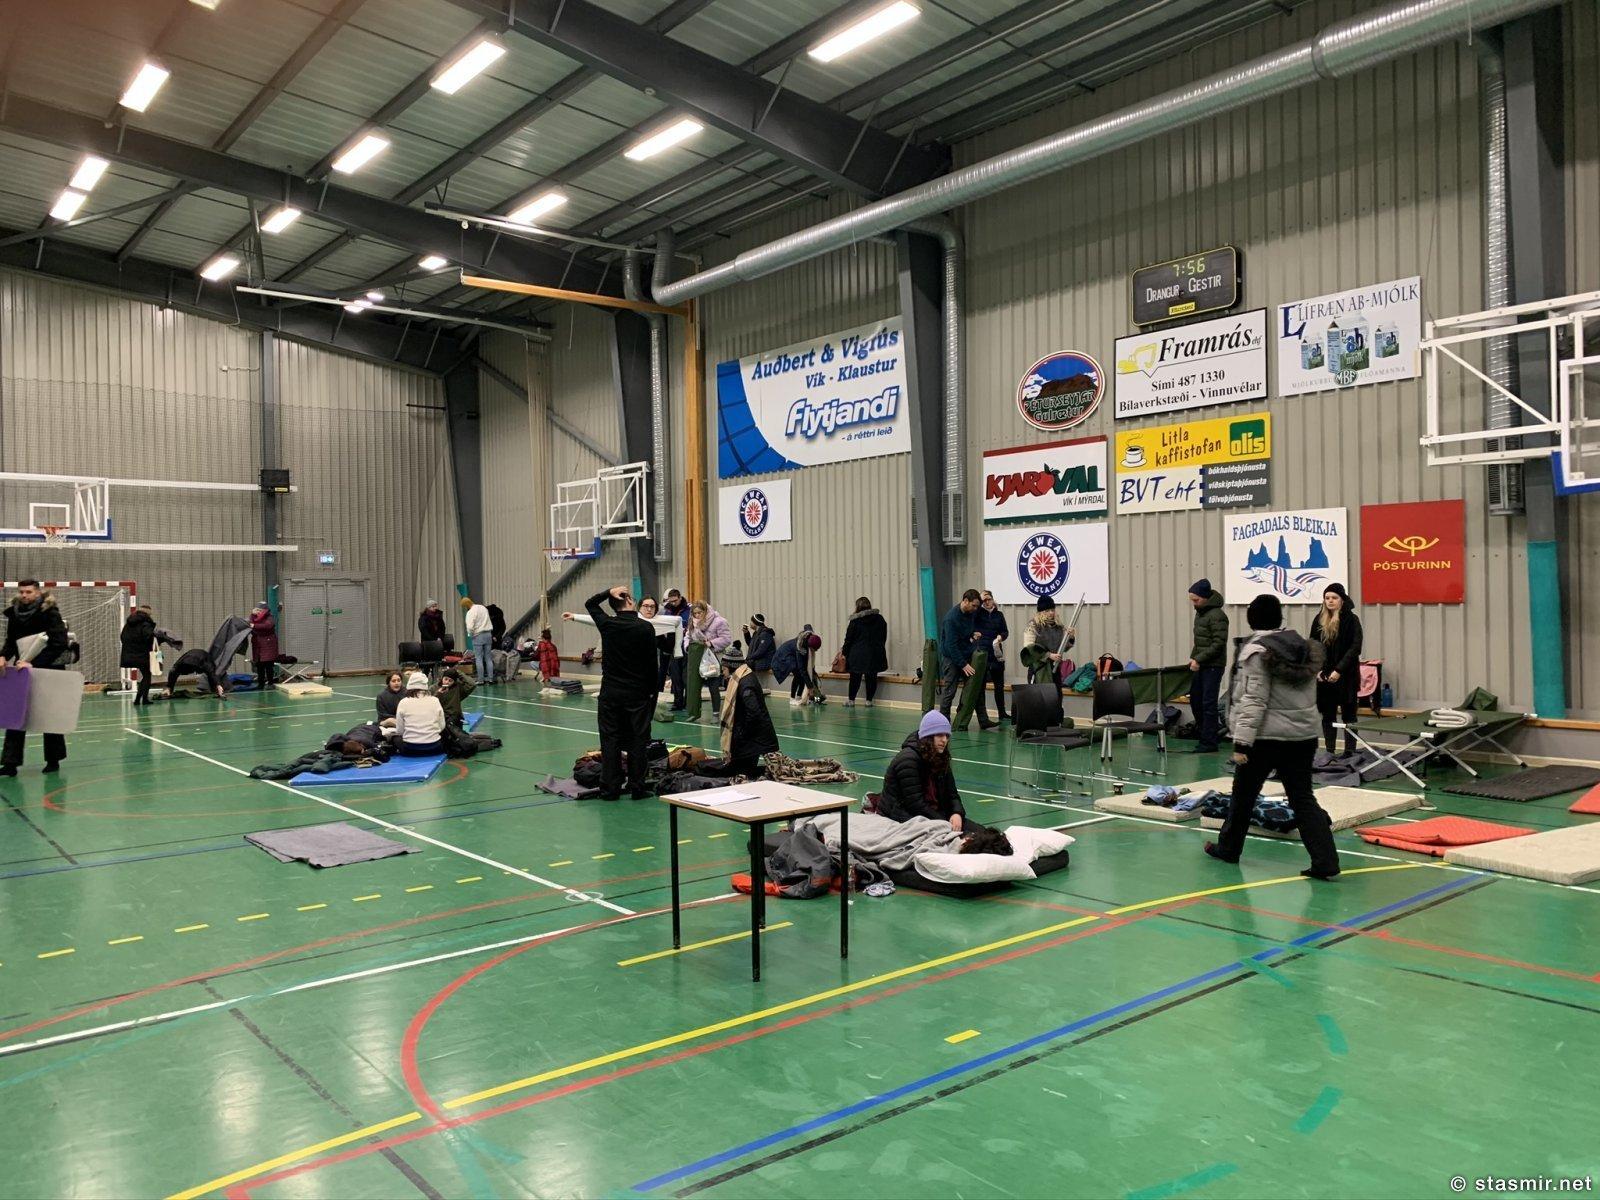 Спорт зал в Вике, где была развернута ночлежка для спасаемых, фото Стасмир, photo Stasmir